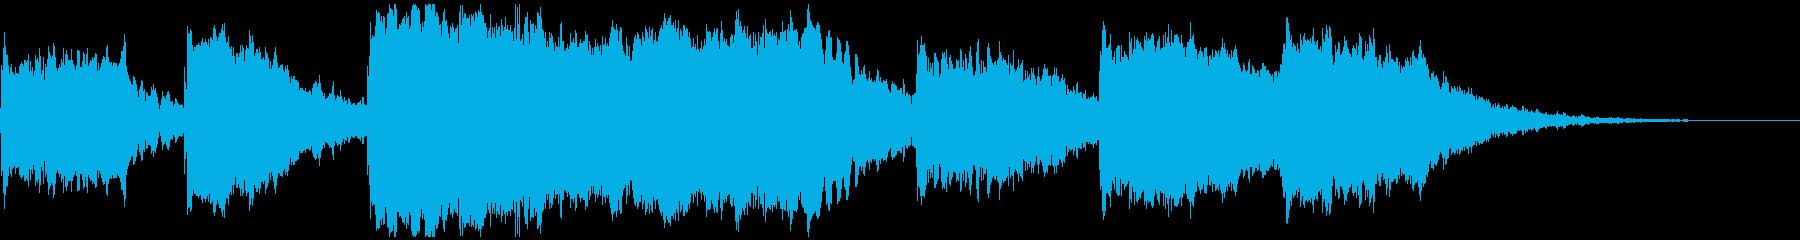 水の流れを表したヒーリングミュージックの再生済みの波形